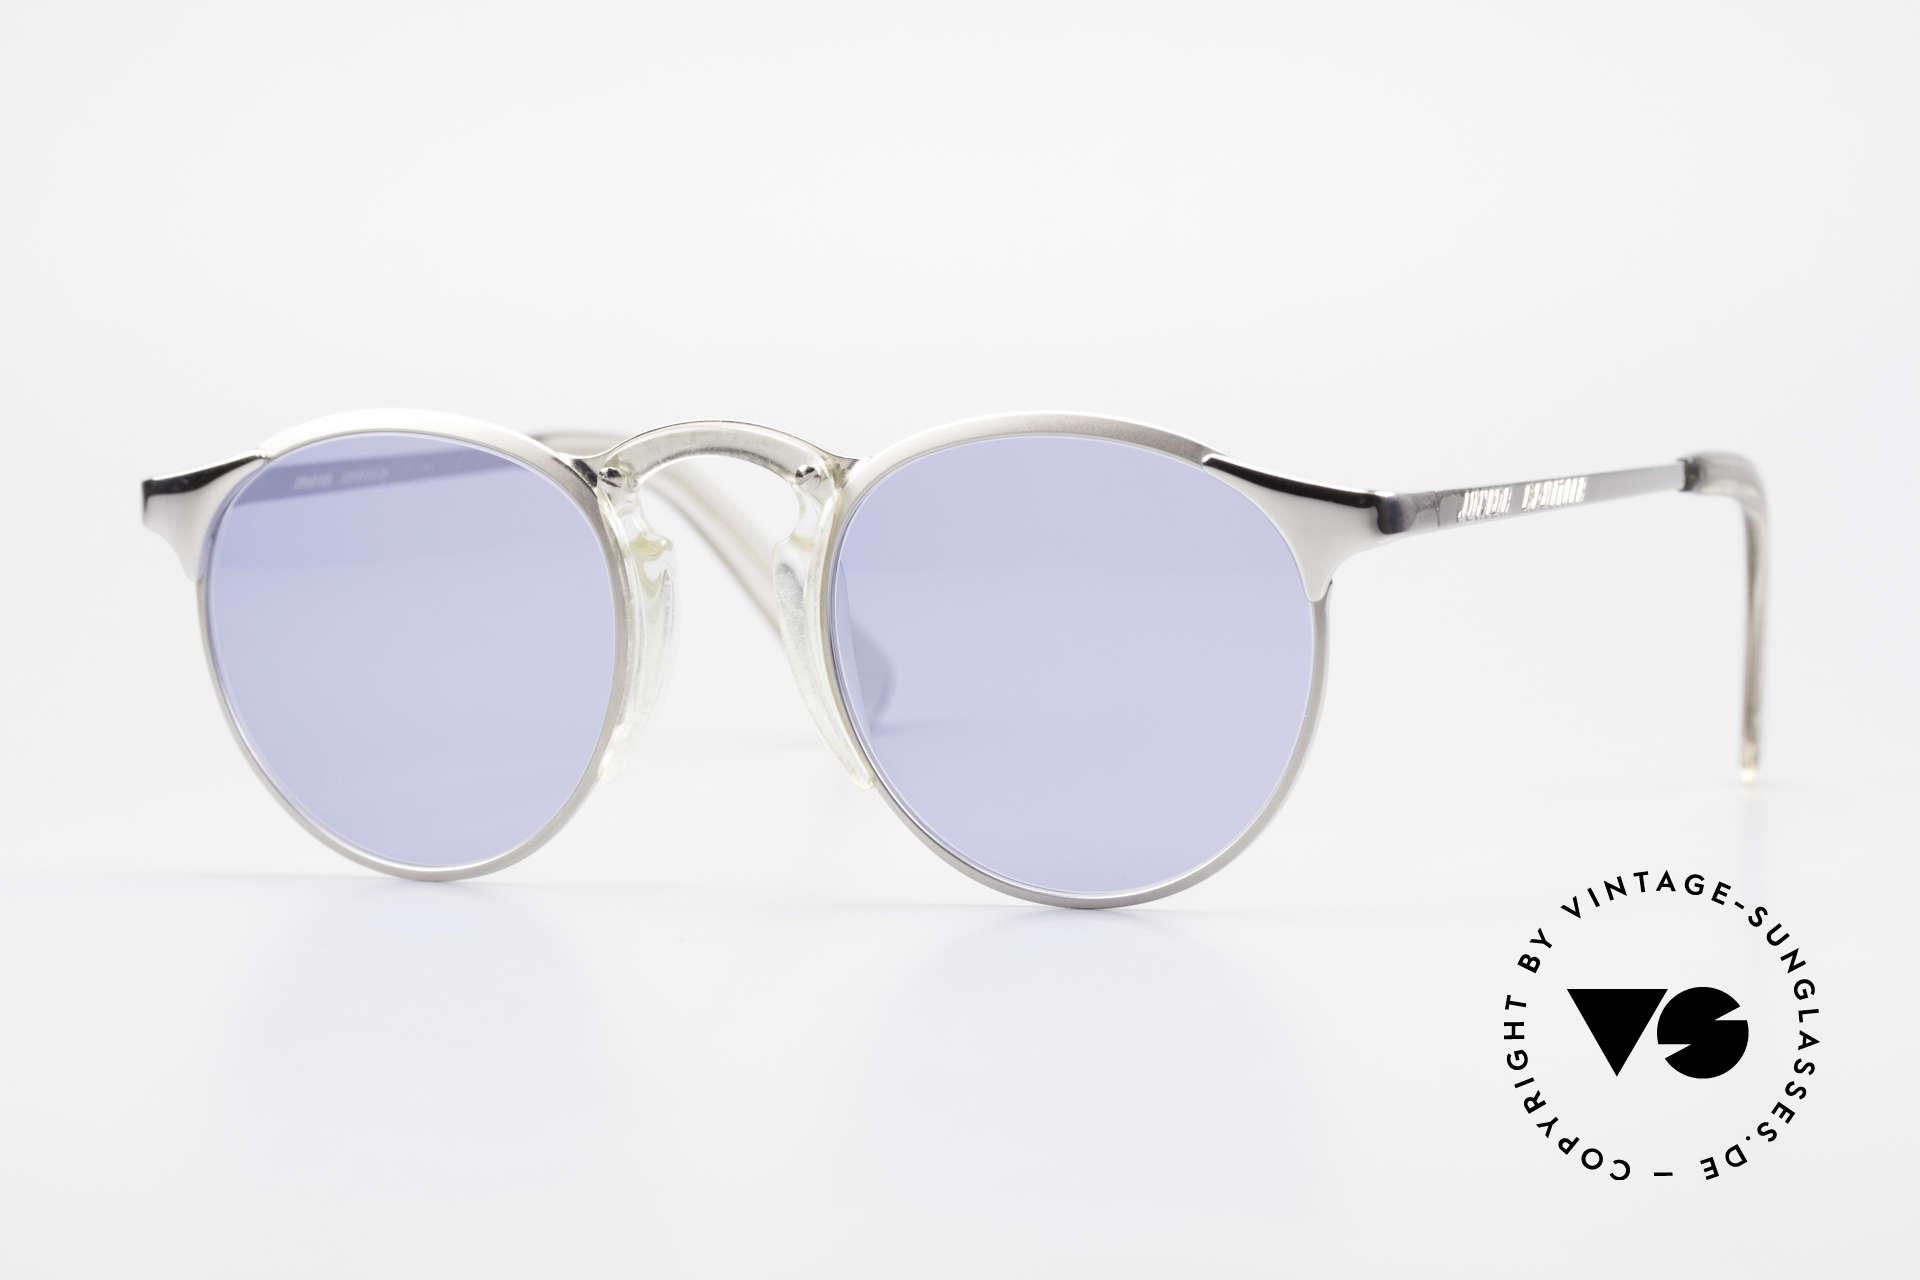 Jean Paul Gaultier 57-0174 Rare 90er Panto Sonnenbrille, Premium-Sonnenbrille der Junior Gaultier Serie, Passend für Herren